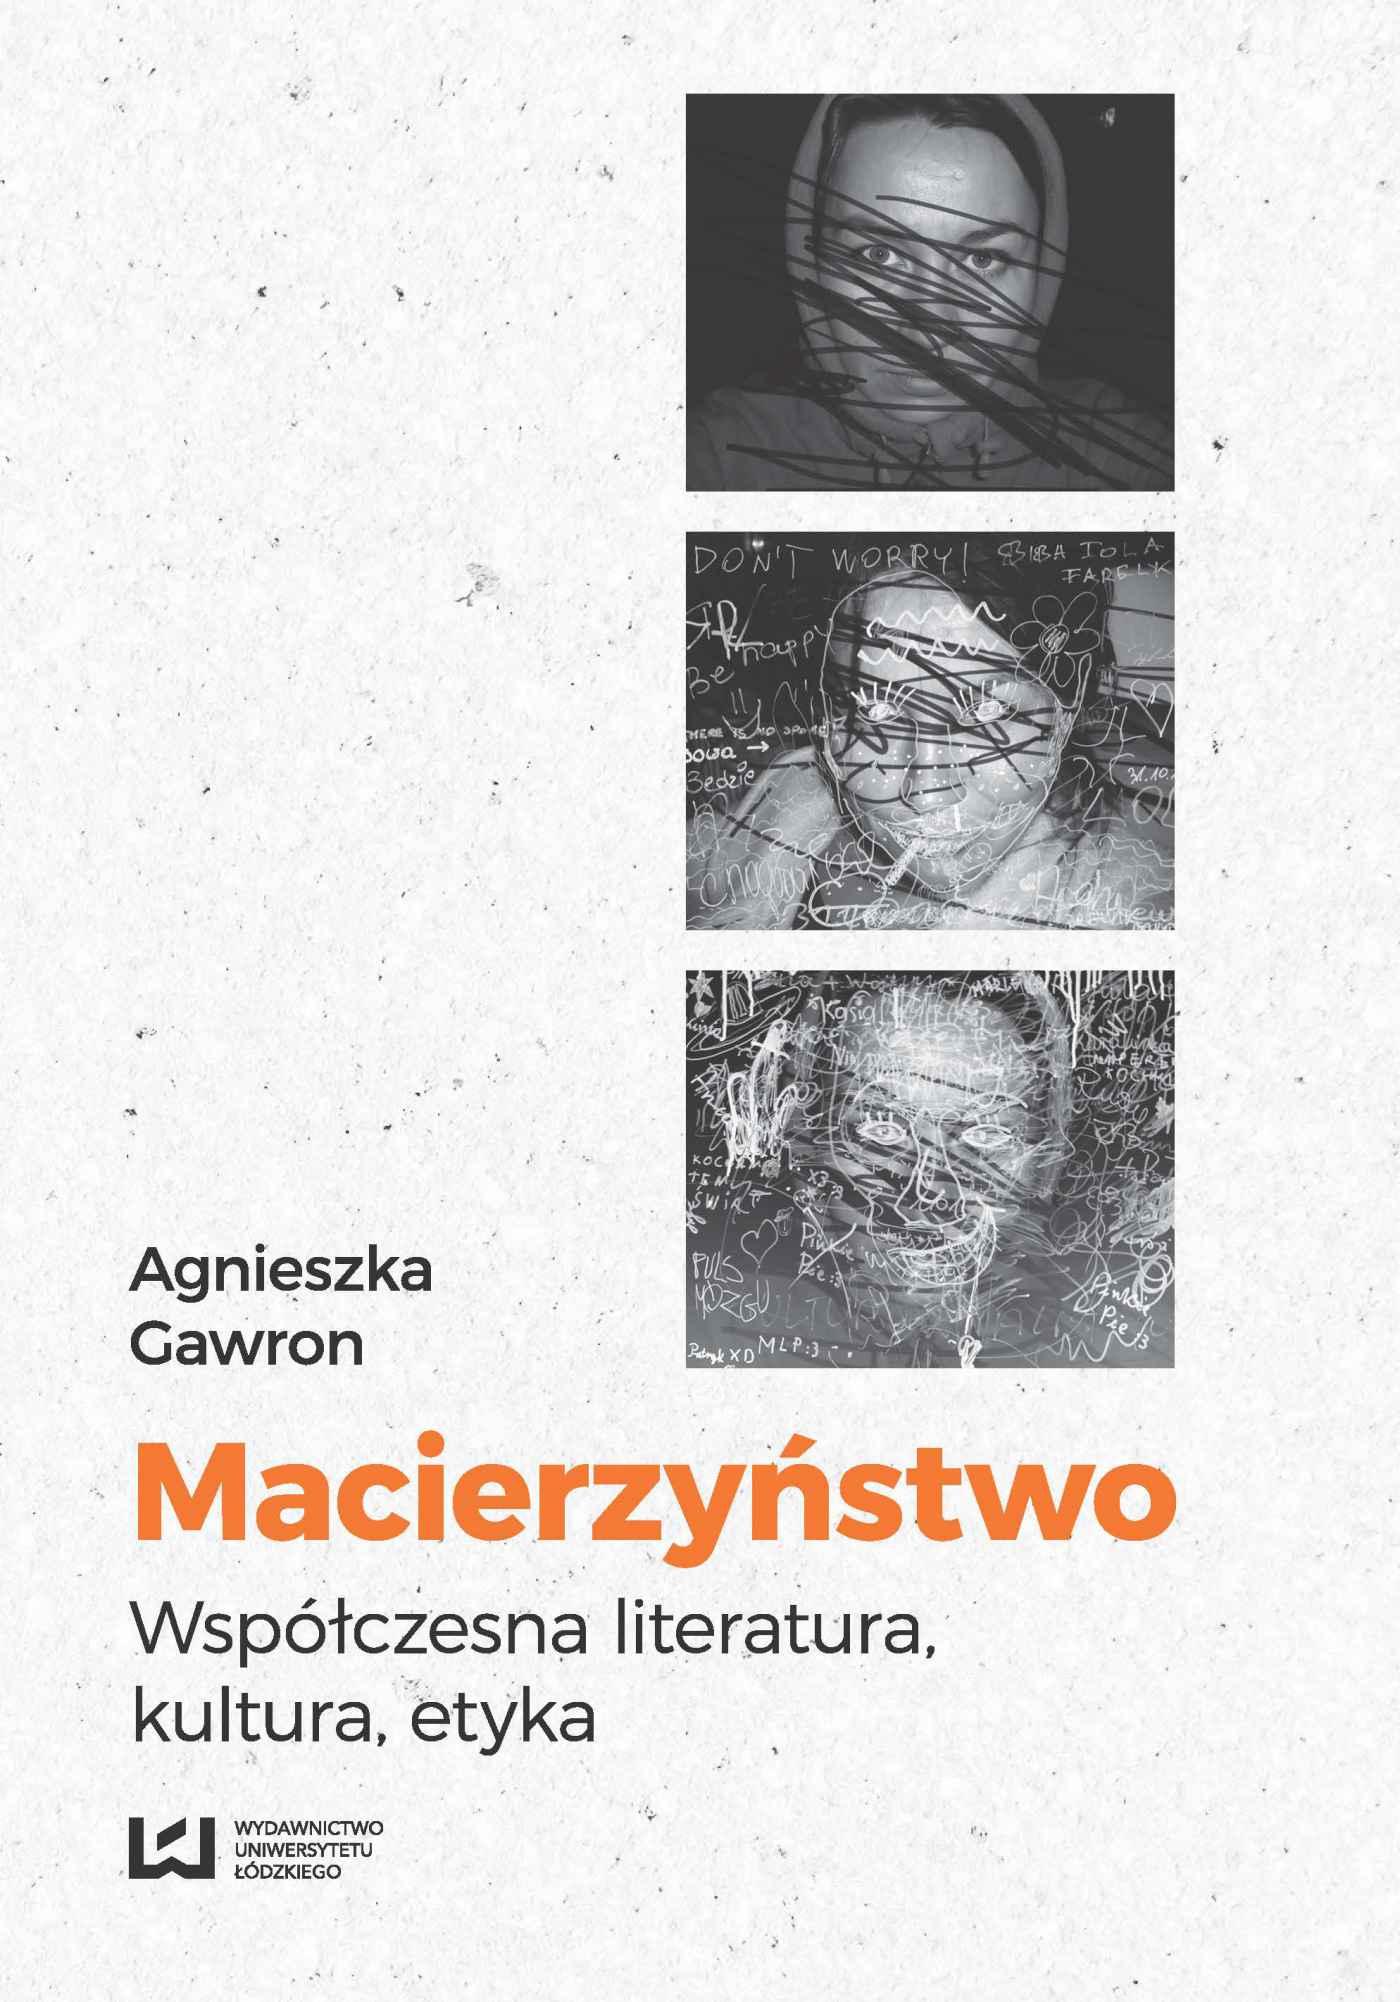 Macierzyństwo. Współczesna literatura, kultura, etyka - Ebook (Książka na Kindle) do pobrania w formacie MOBI